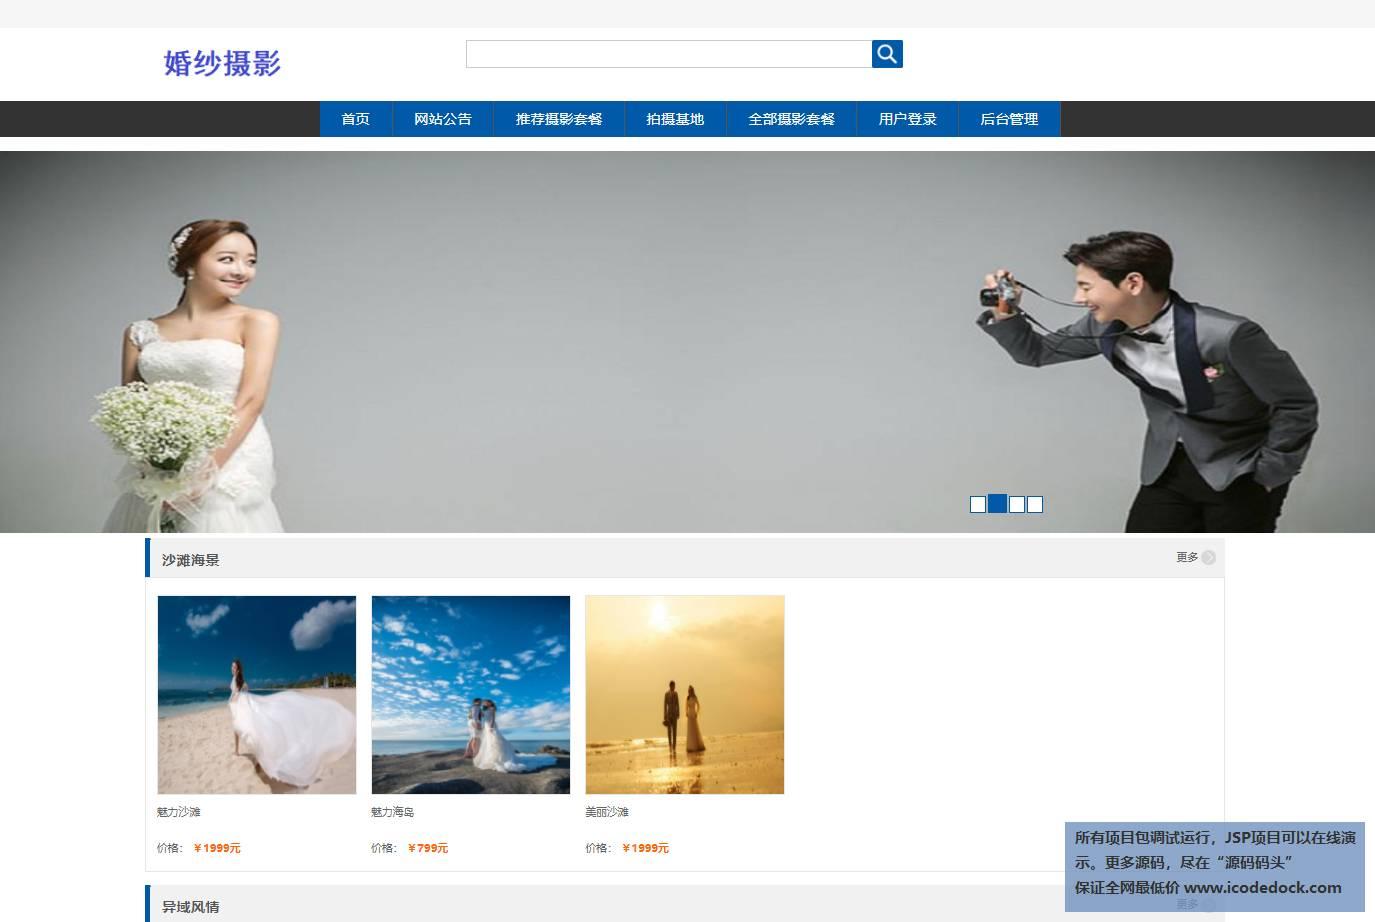 源码码头-SSM婚纱影楼摄影商城项目网站-用户角色-按分类查看